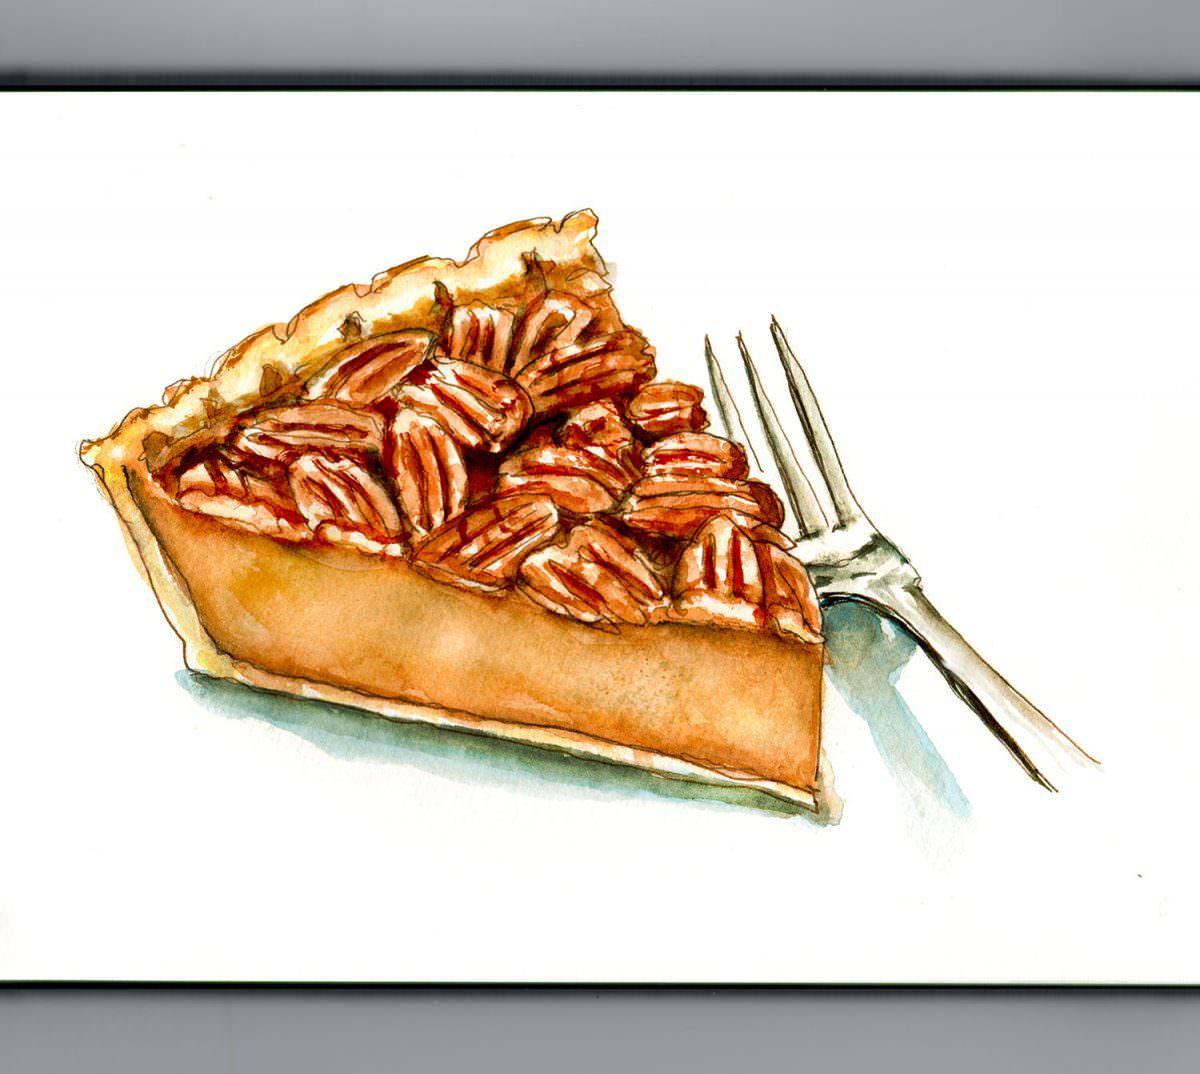 #WorldWatercolorGroup - Day 17 - Pecan Pie - Doodlewash